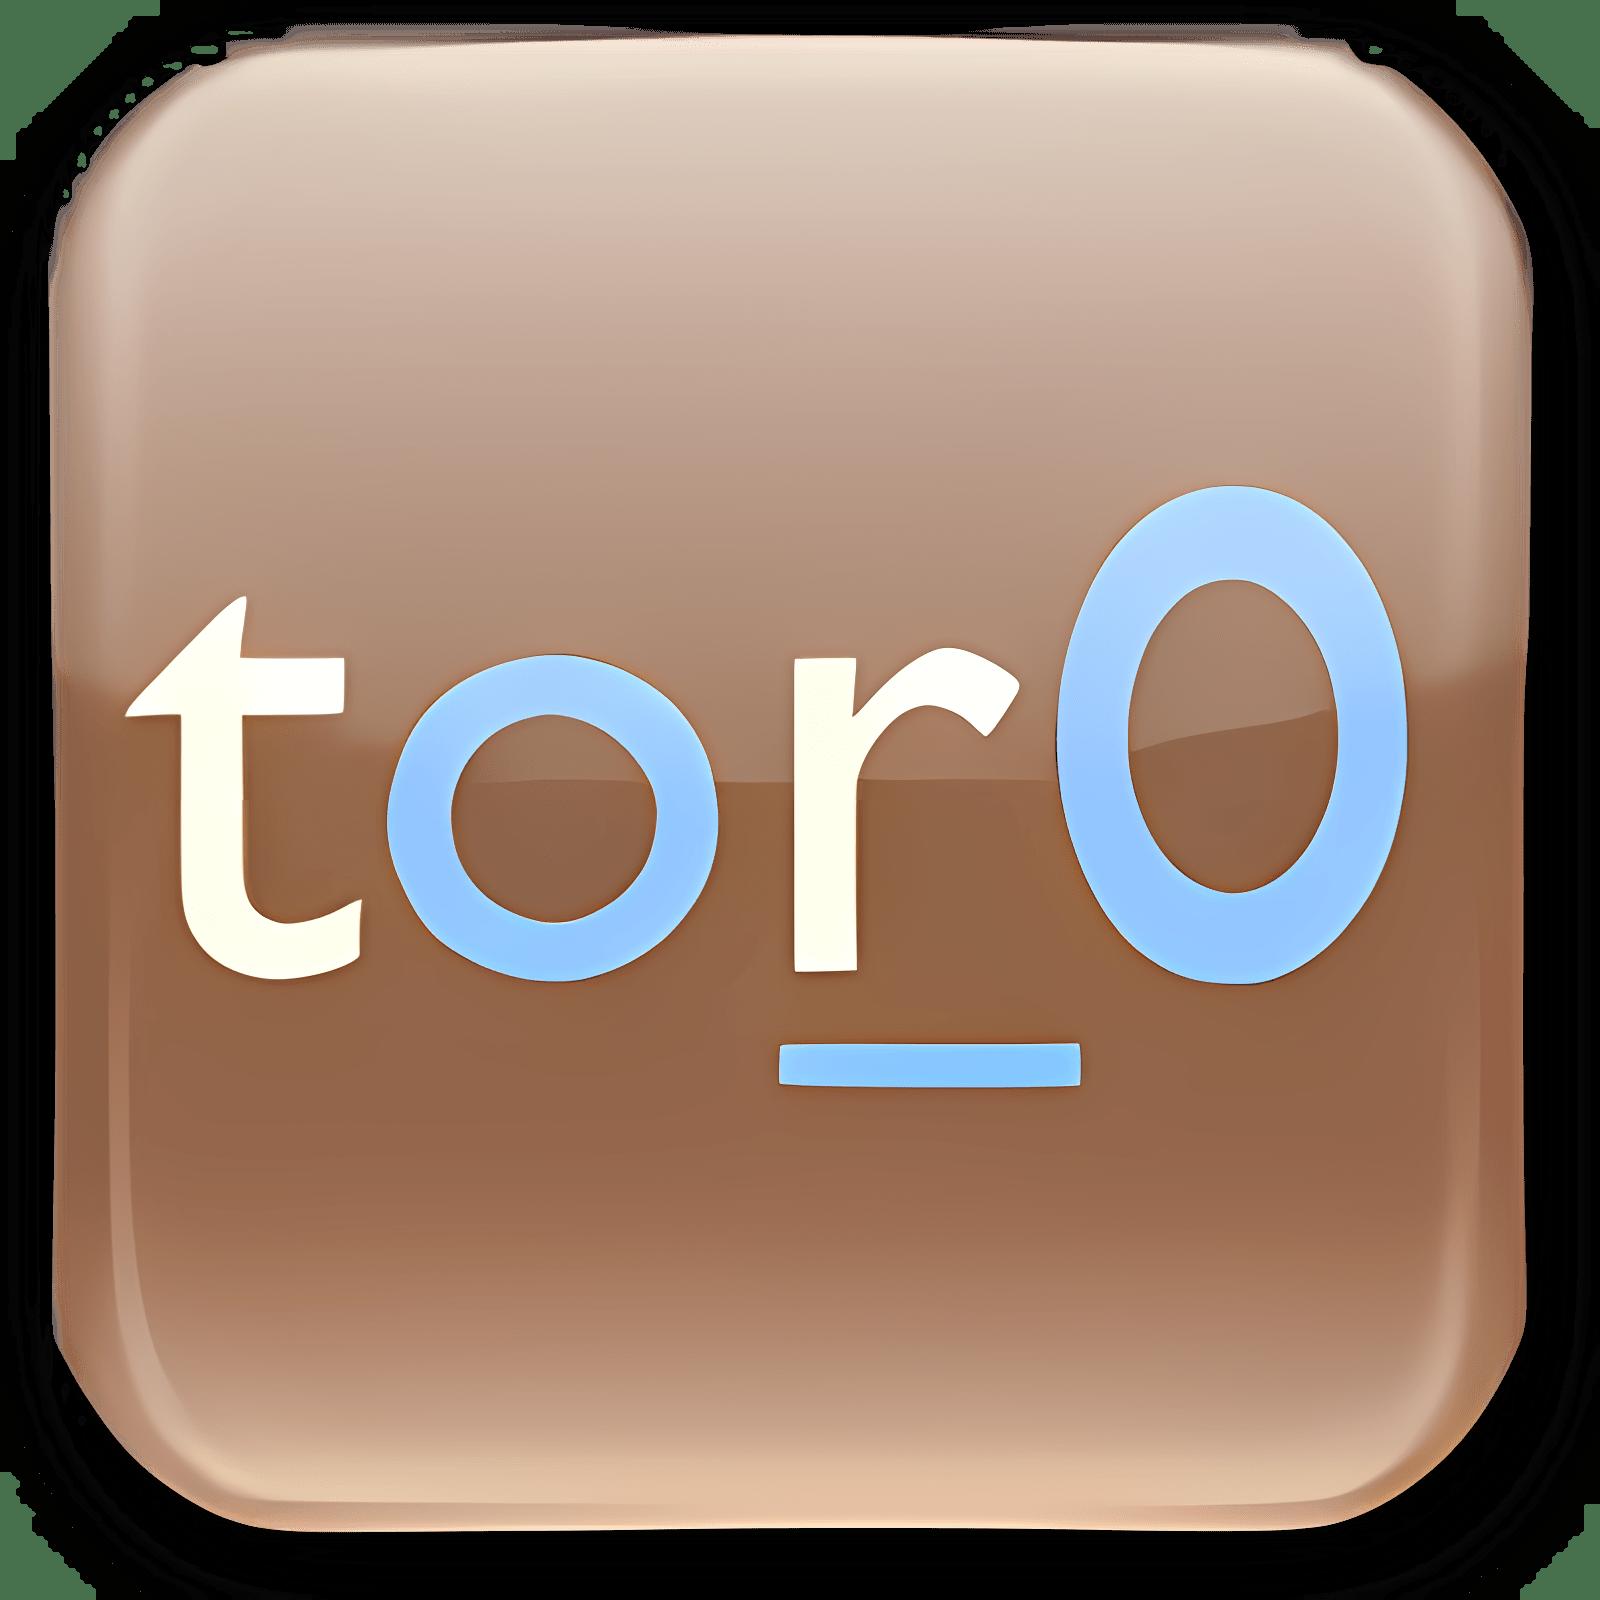 Toro 0.4.7 Beta